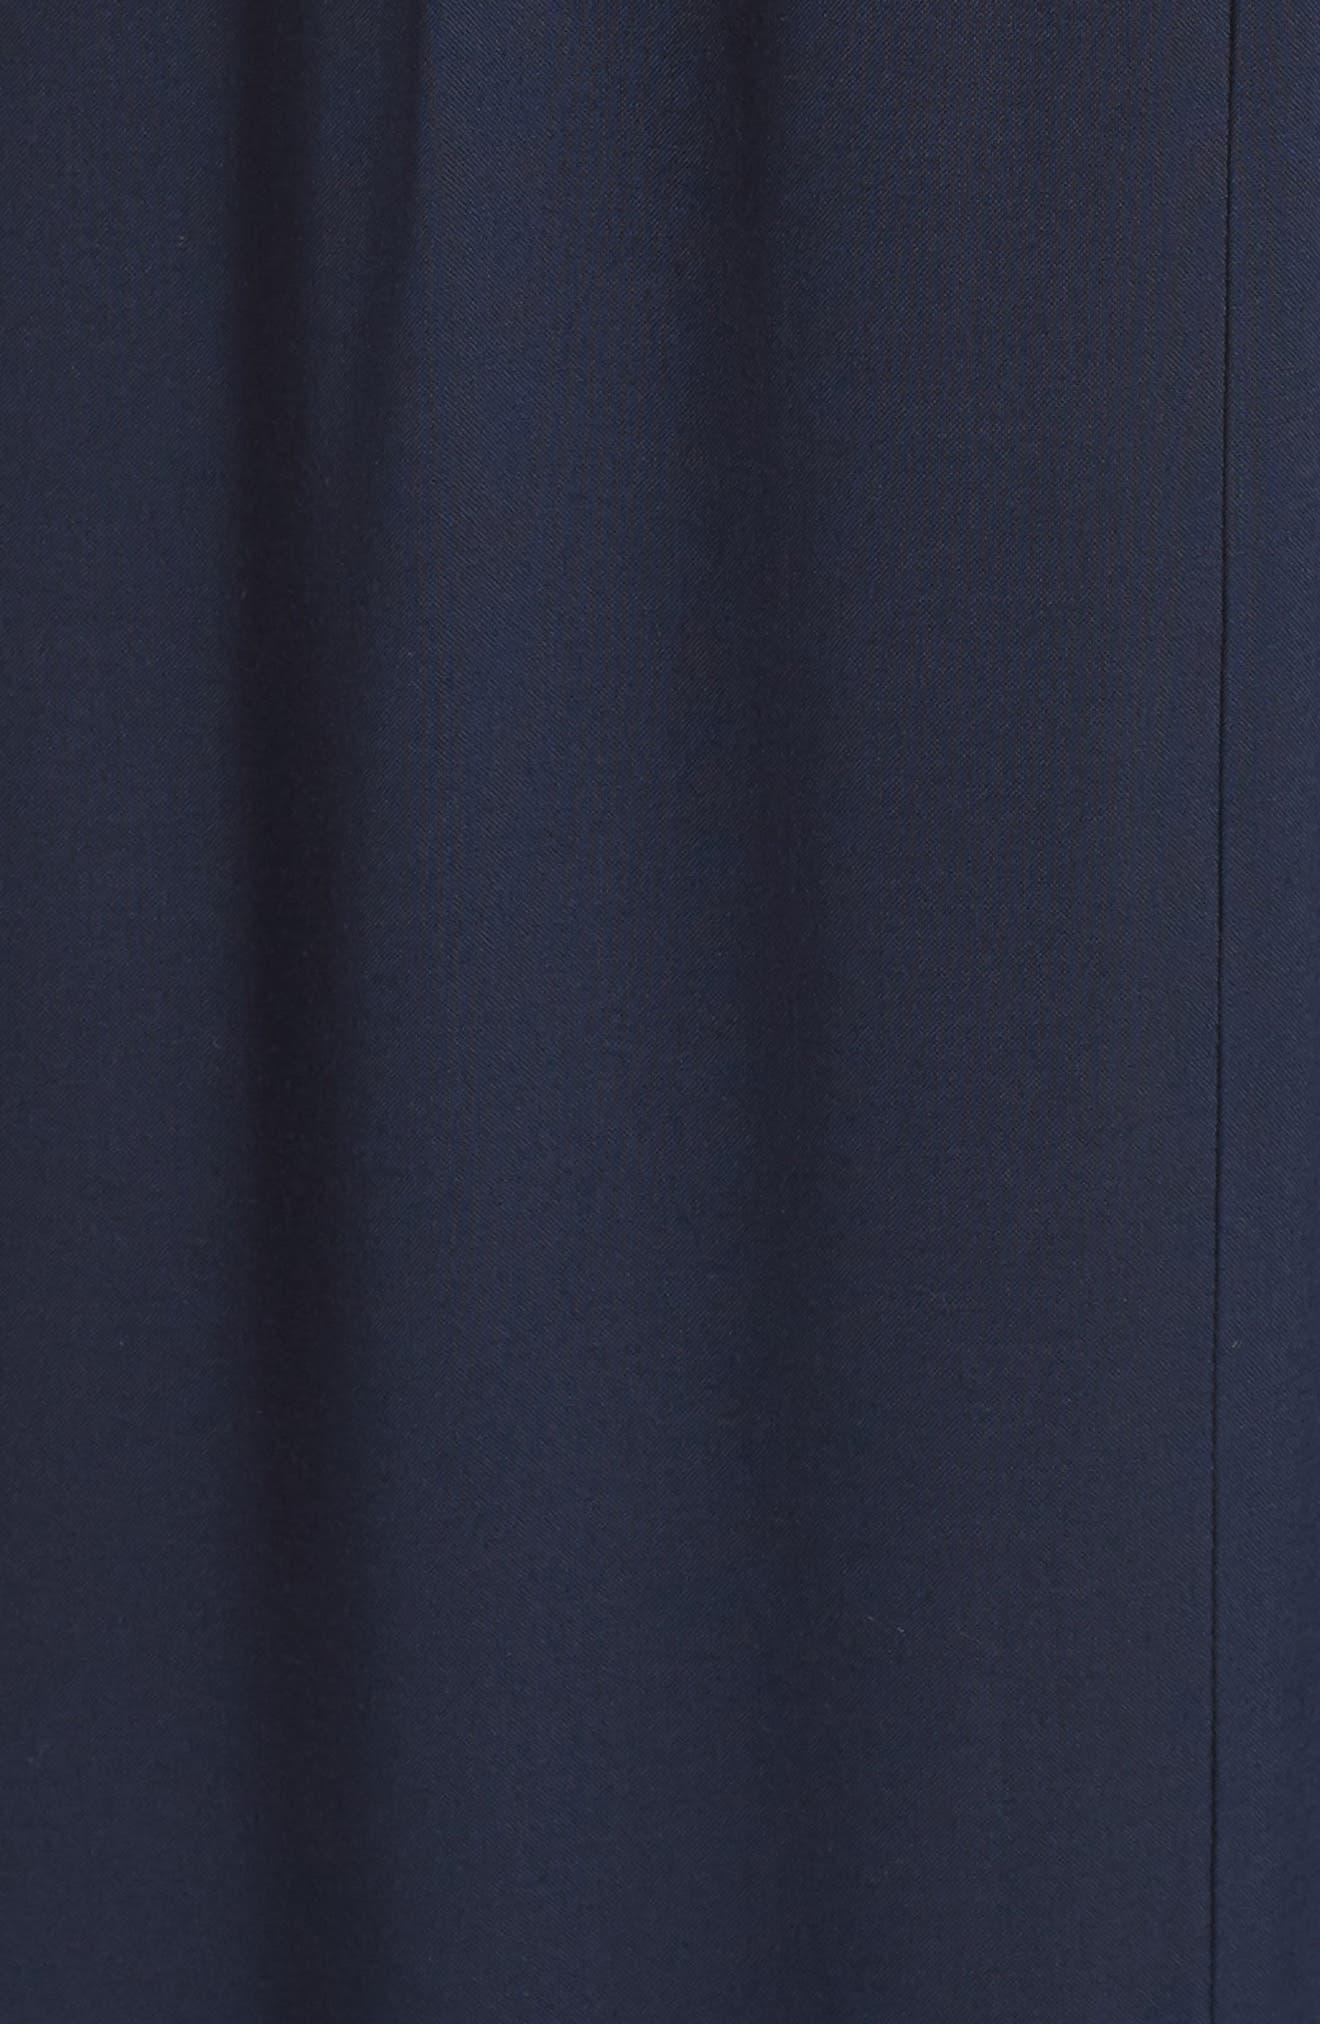 Lystra Cold Shoulder Maxi Dress,                             Alternate thumbnail 5, color,                             Dark Ink Blue